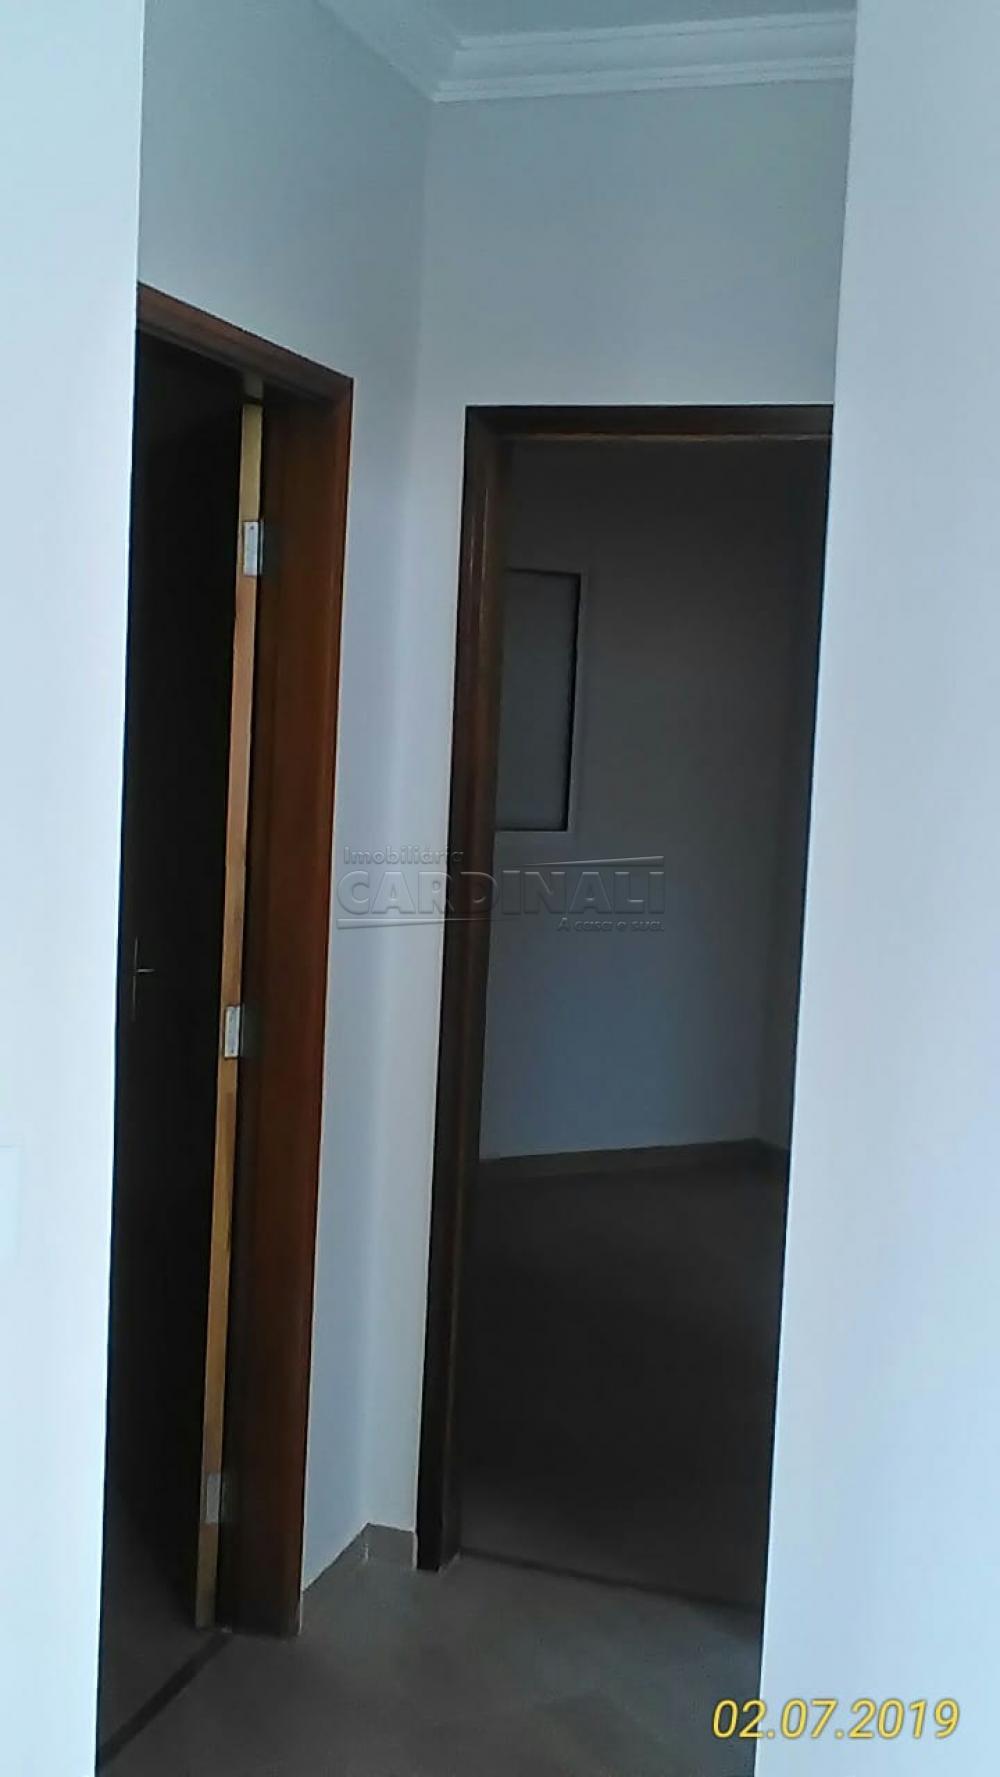 Alugar Apartamento / Padrão em São Carlos apenas R$ 900,00 - Foto 4